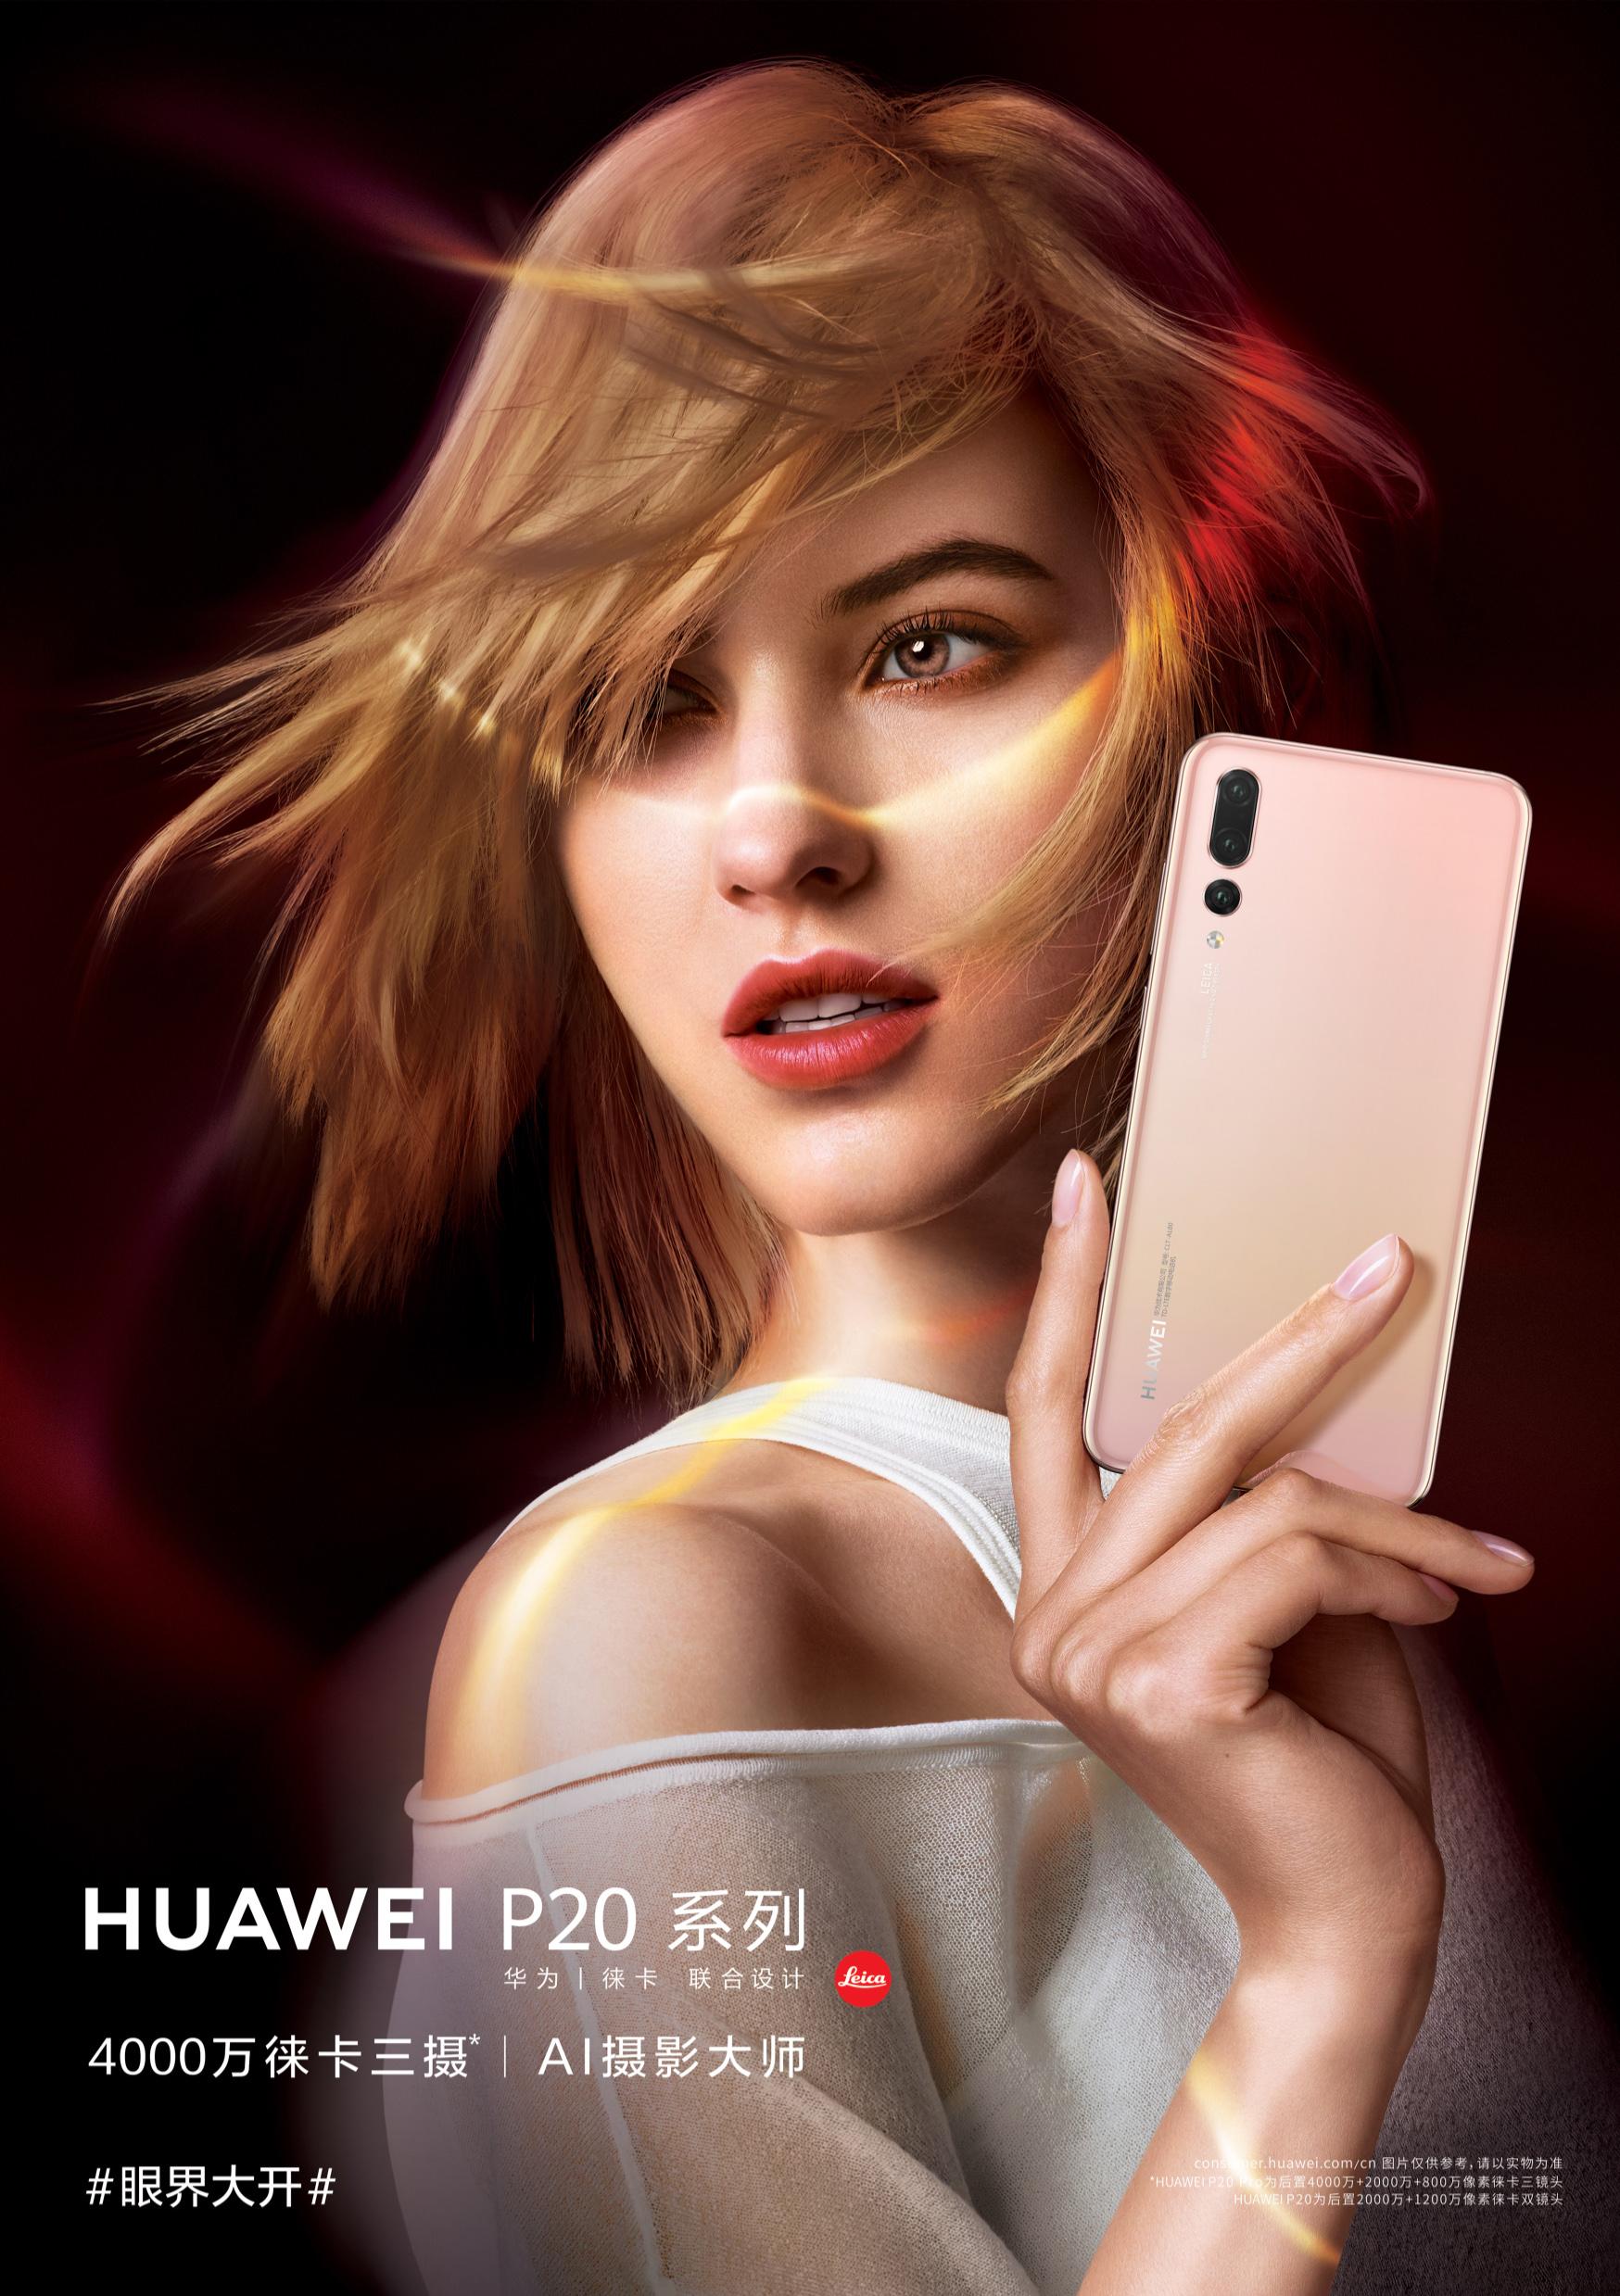 Huawei_P20_KV3_V